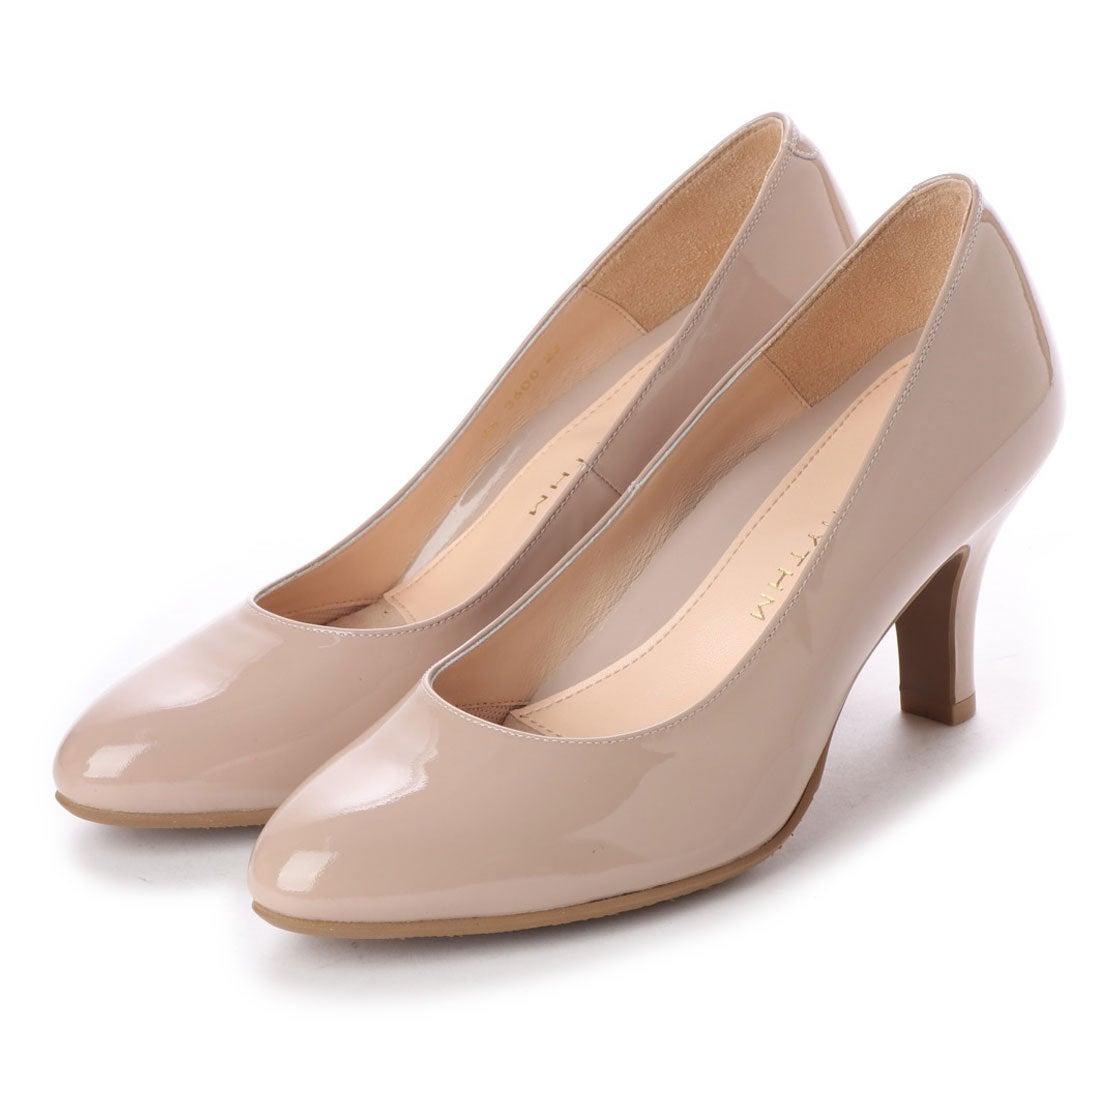 ネオリズム NEO RHYTHM 【ジェルパッド搭載】ラウンドトゥパンプス (ベージュエナメル),She \u0026 Shoe , オギツ公式通販